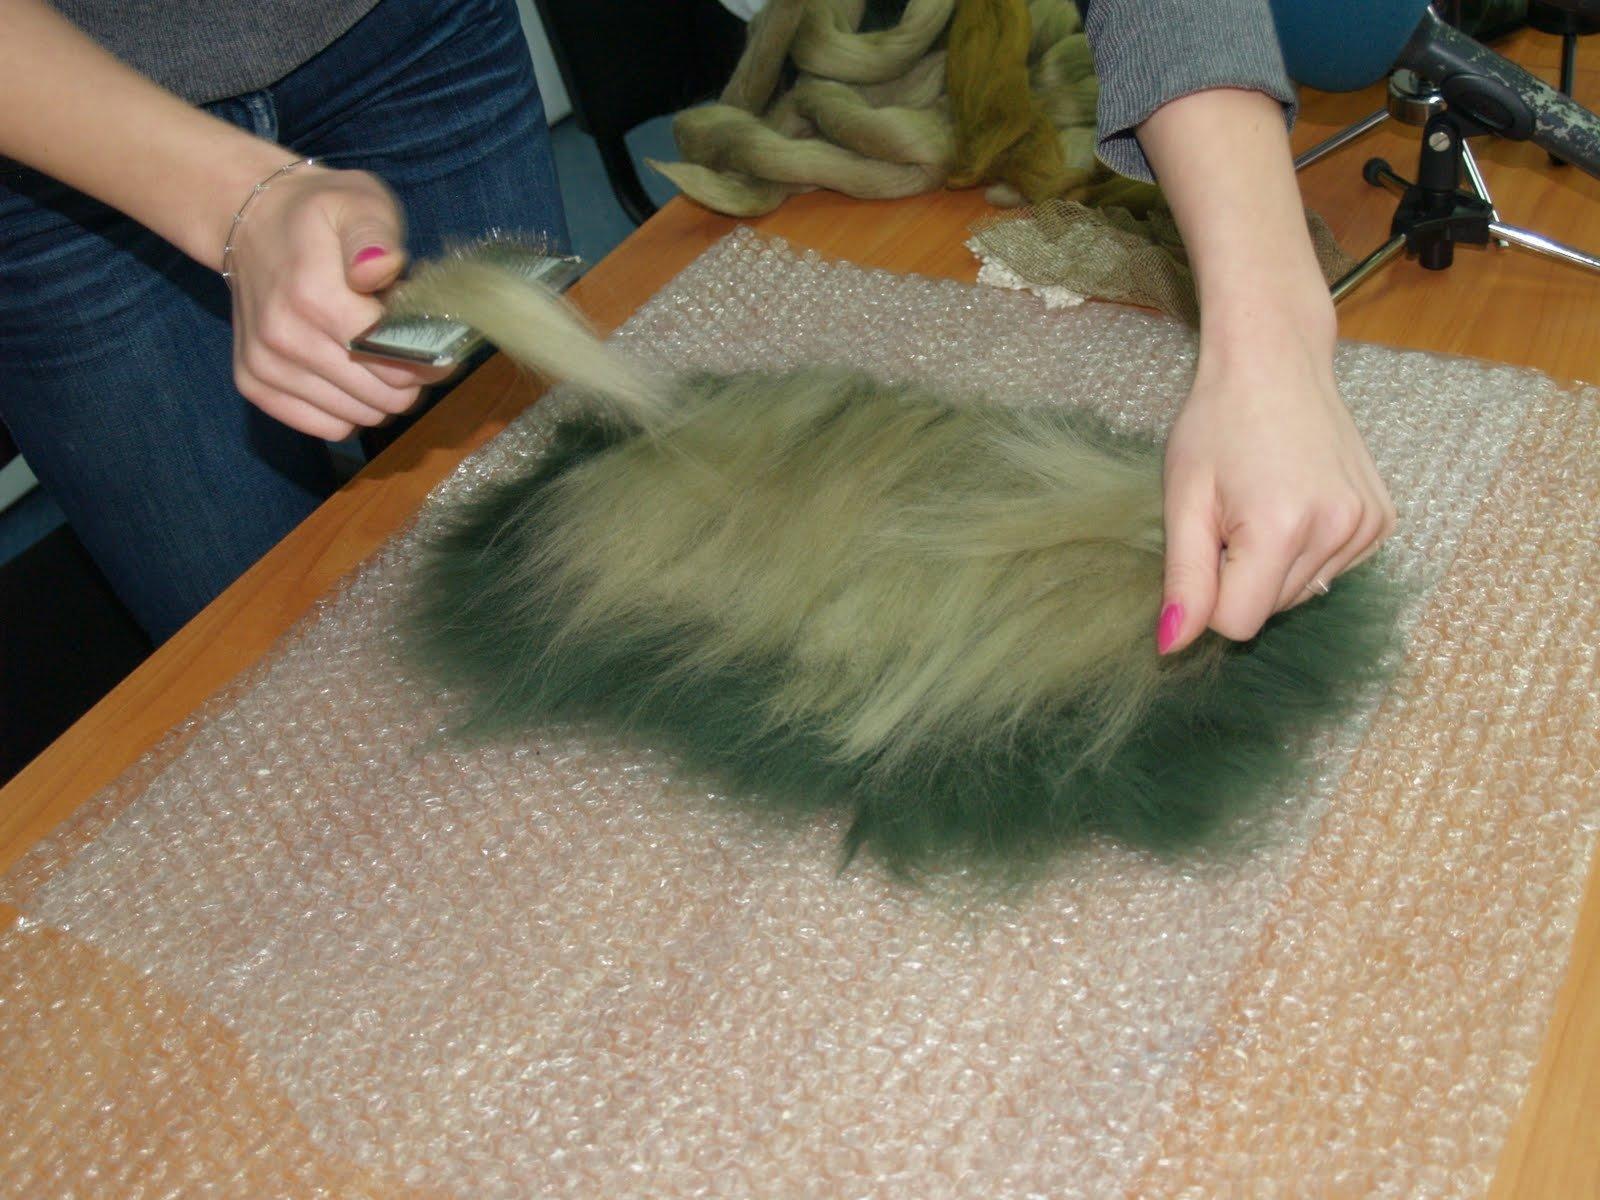 Для валяния шляпки используются тонкие шерстяные волокна 2-3 см длинной каждое